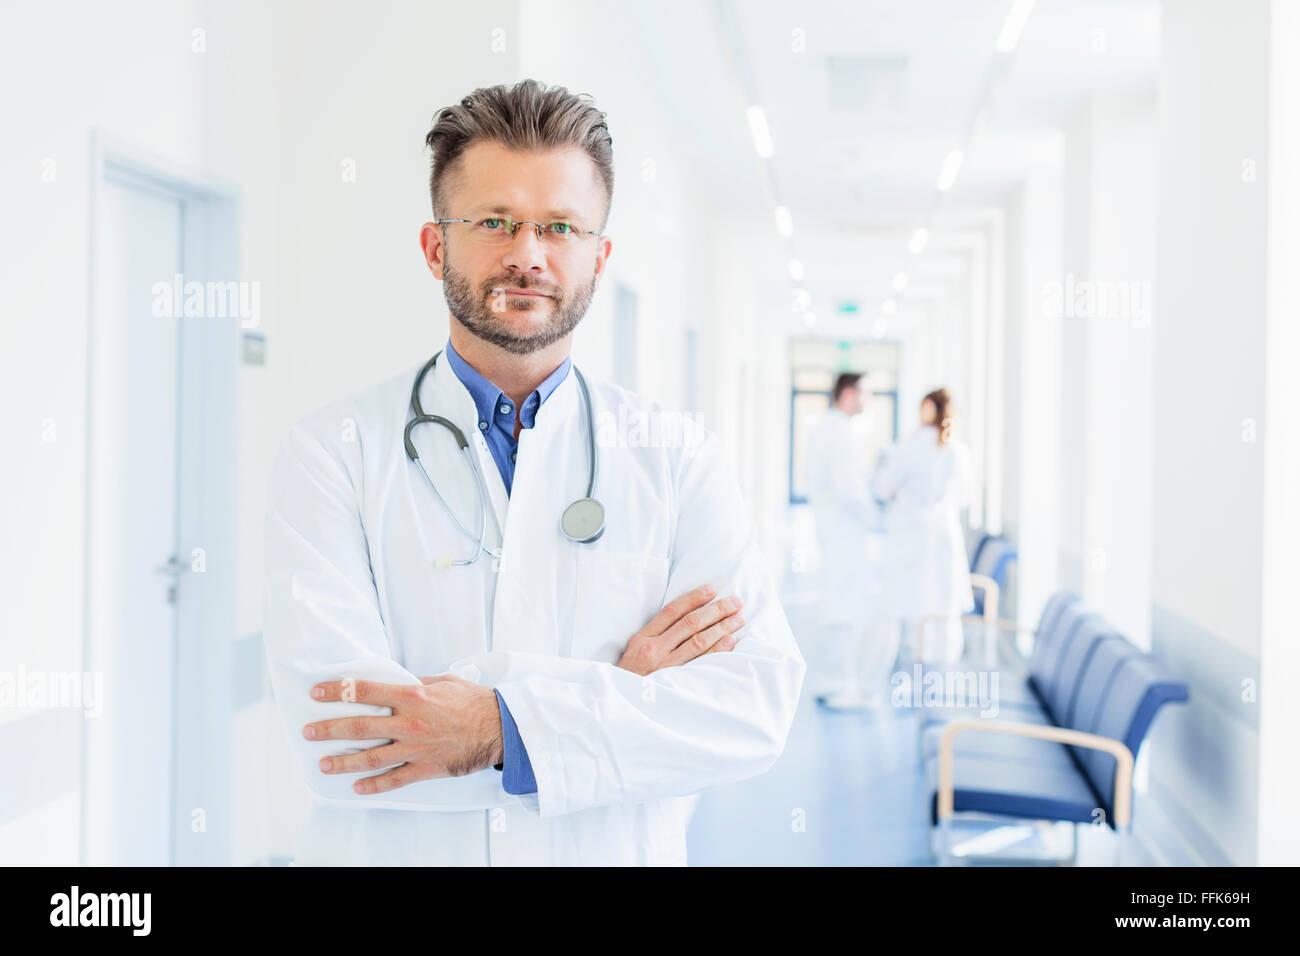 Porträt des Arztes mit verschränkten im Krankenhausflur Stockbild